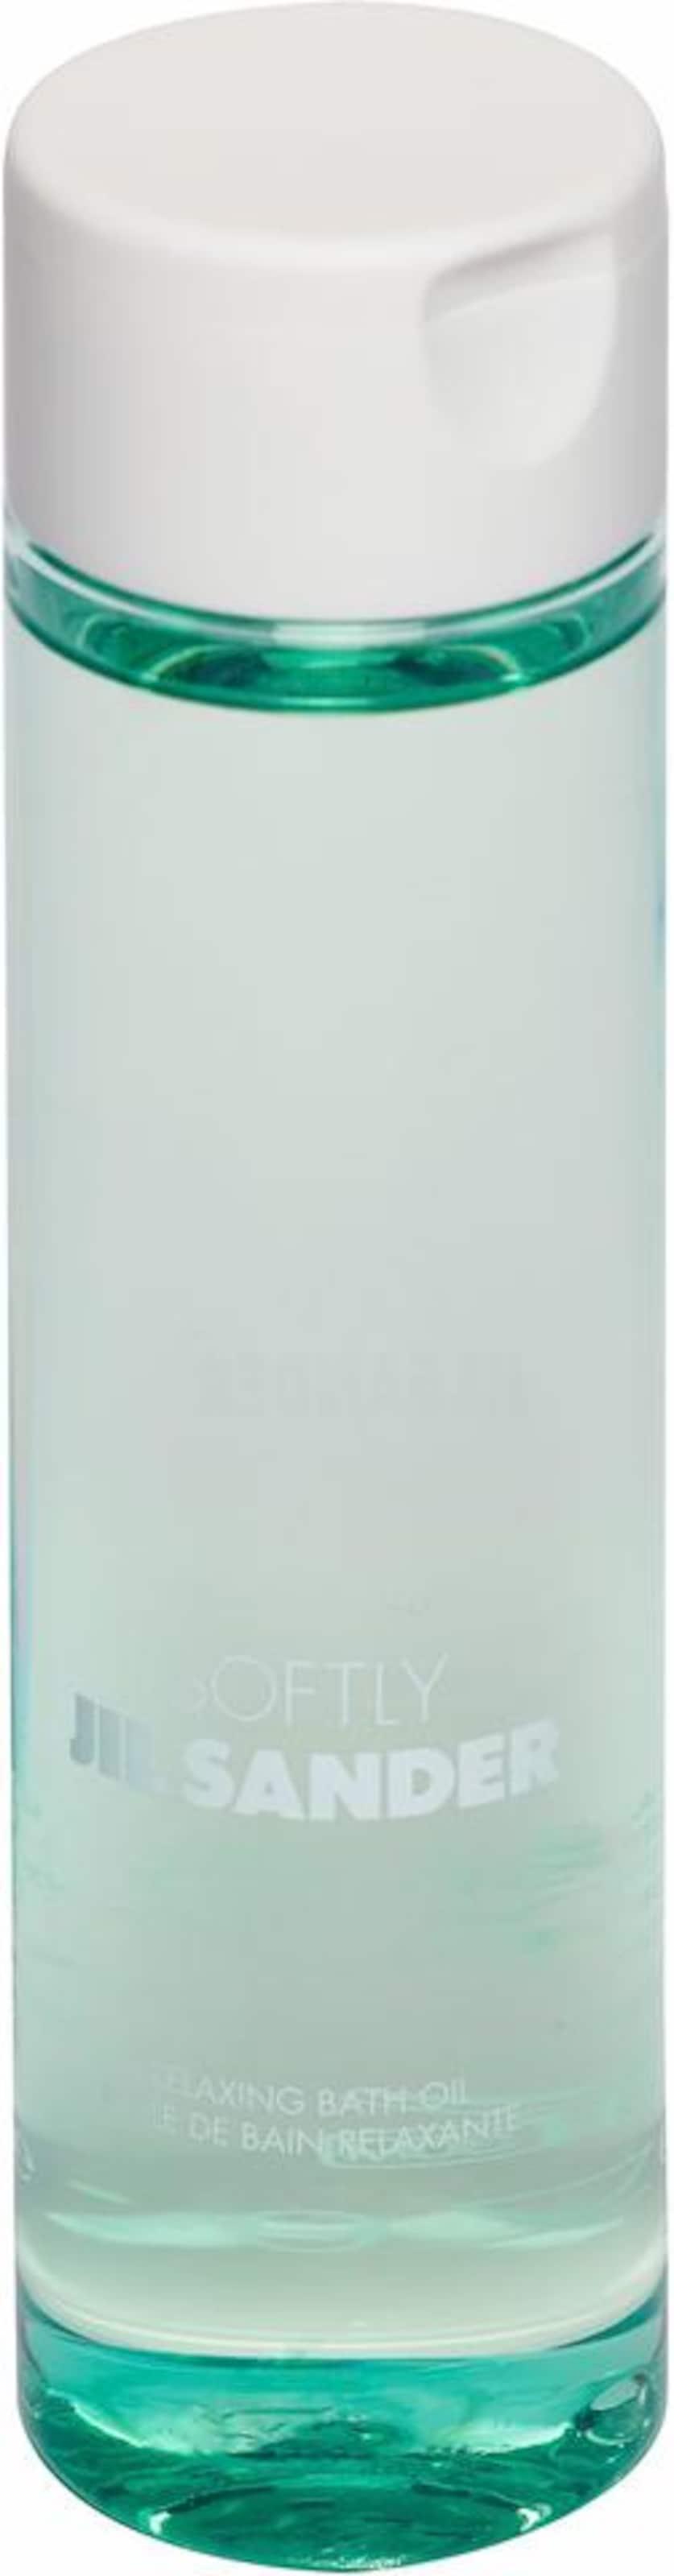 JIL SANDER 'Softly' Badeöl Freies Verschiffen Erhalten Authentisch Spielraum Neue Stile Billige Auslass Verkauf Neuesten Kollektionen Sammlungen lRxqTKV8m